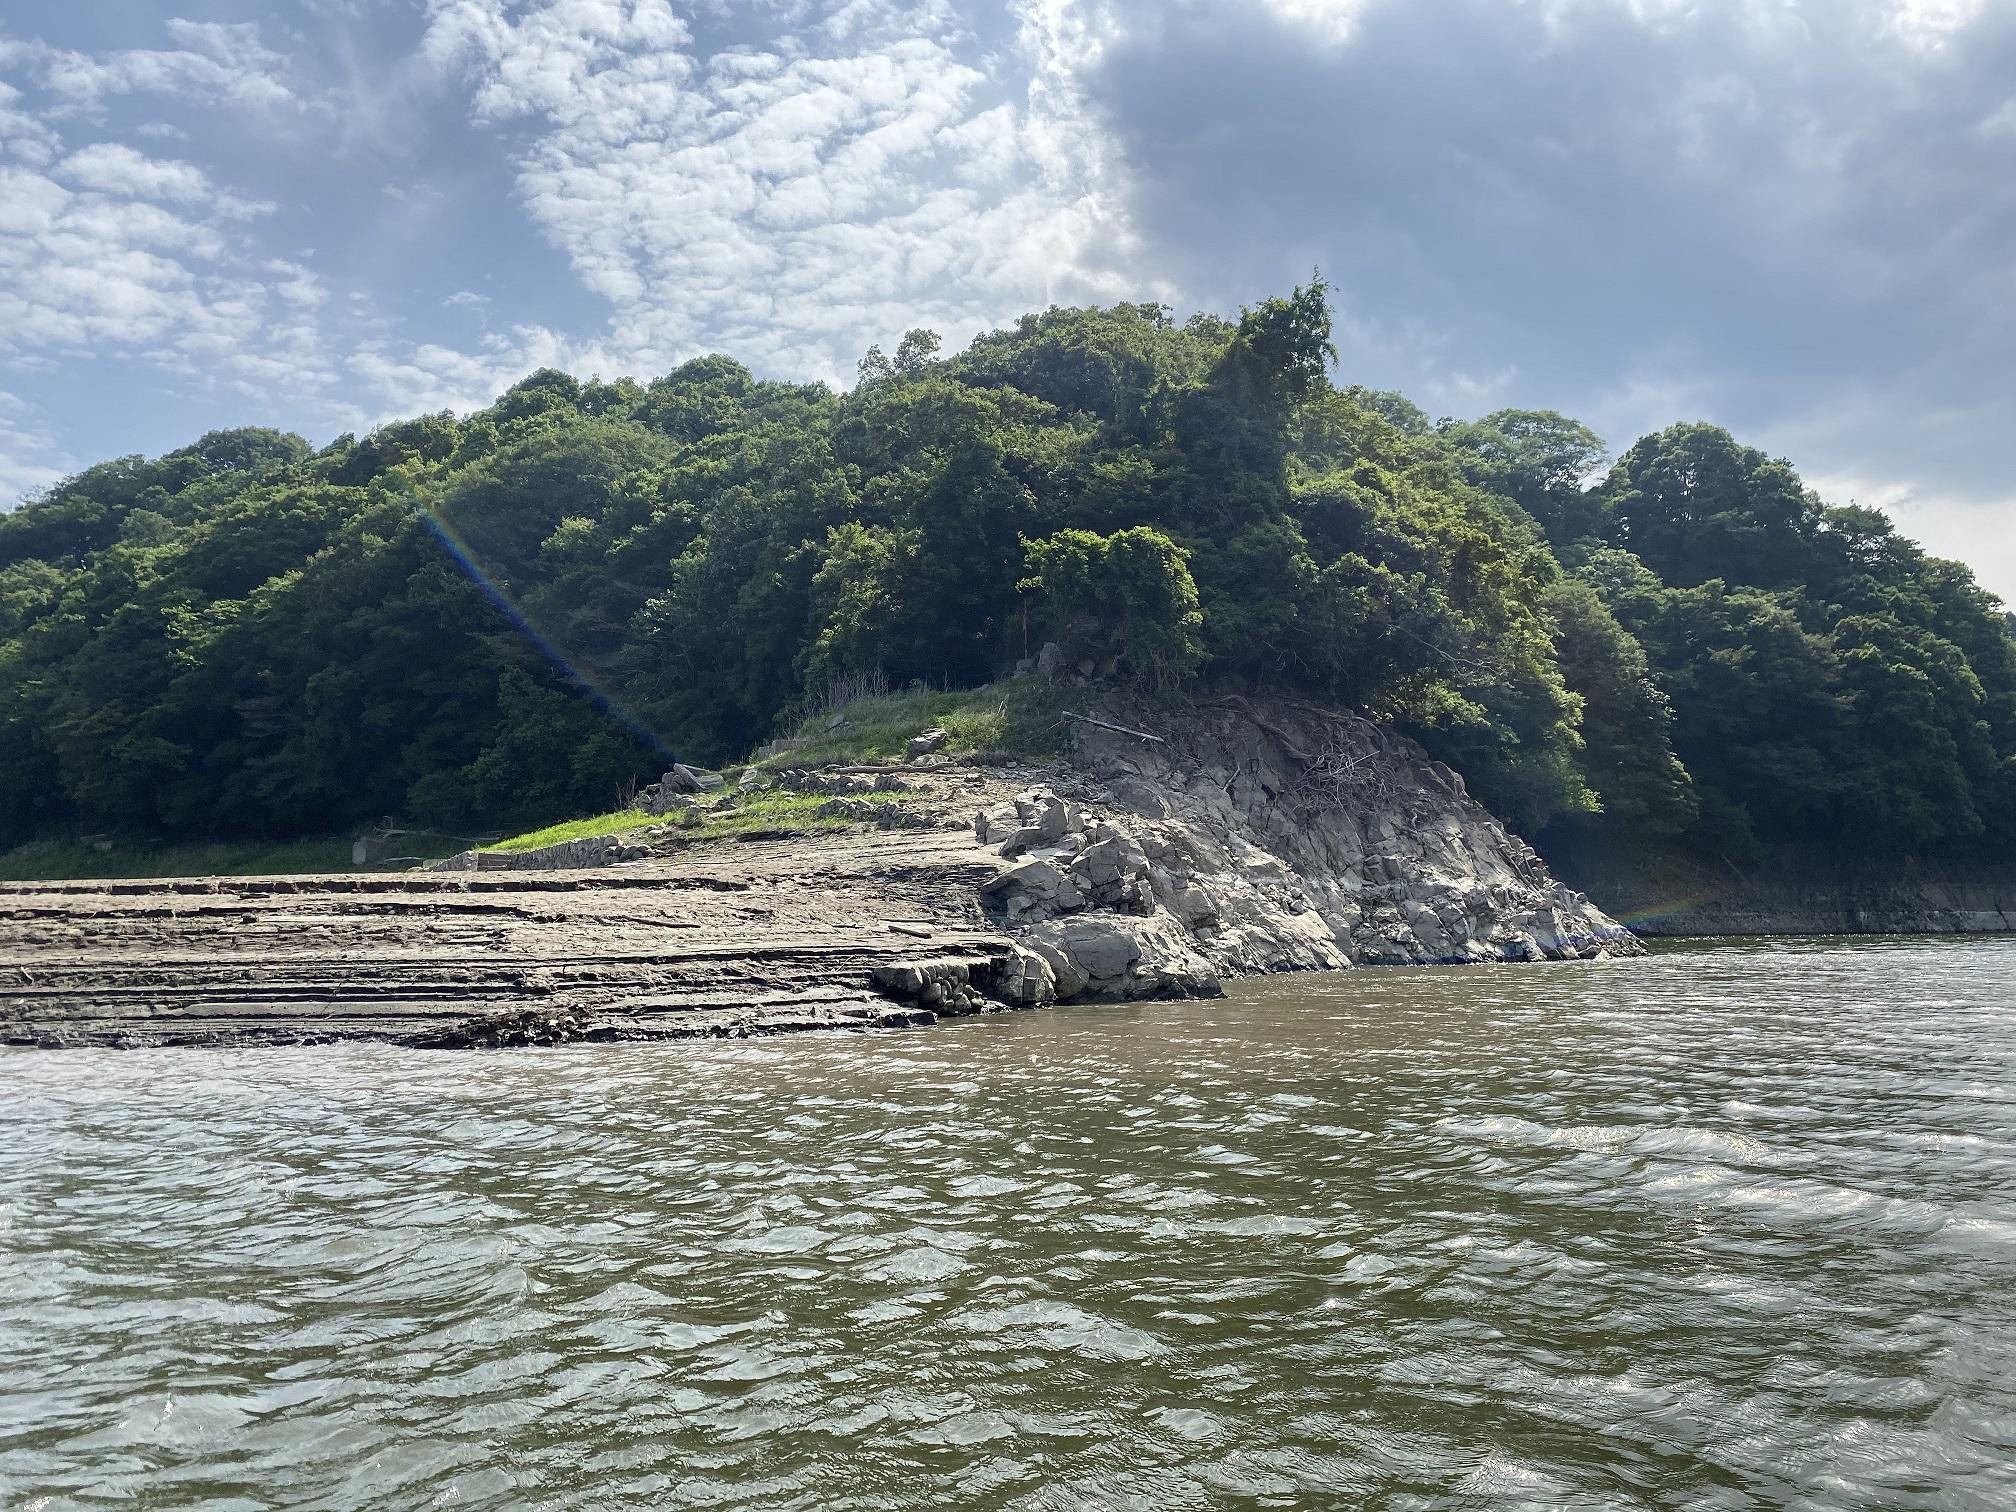 津久井湖 4番岬 正面